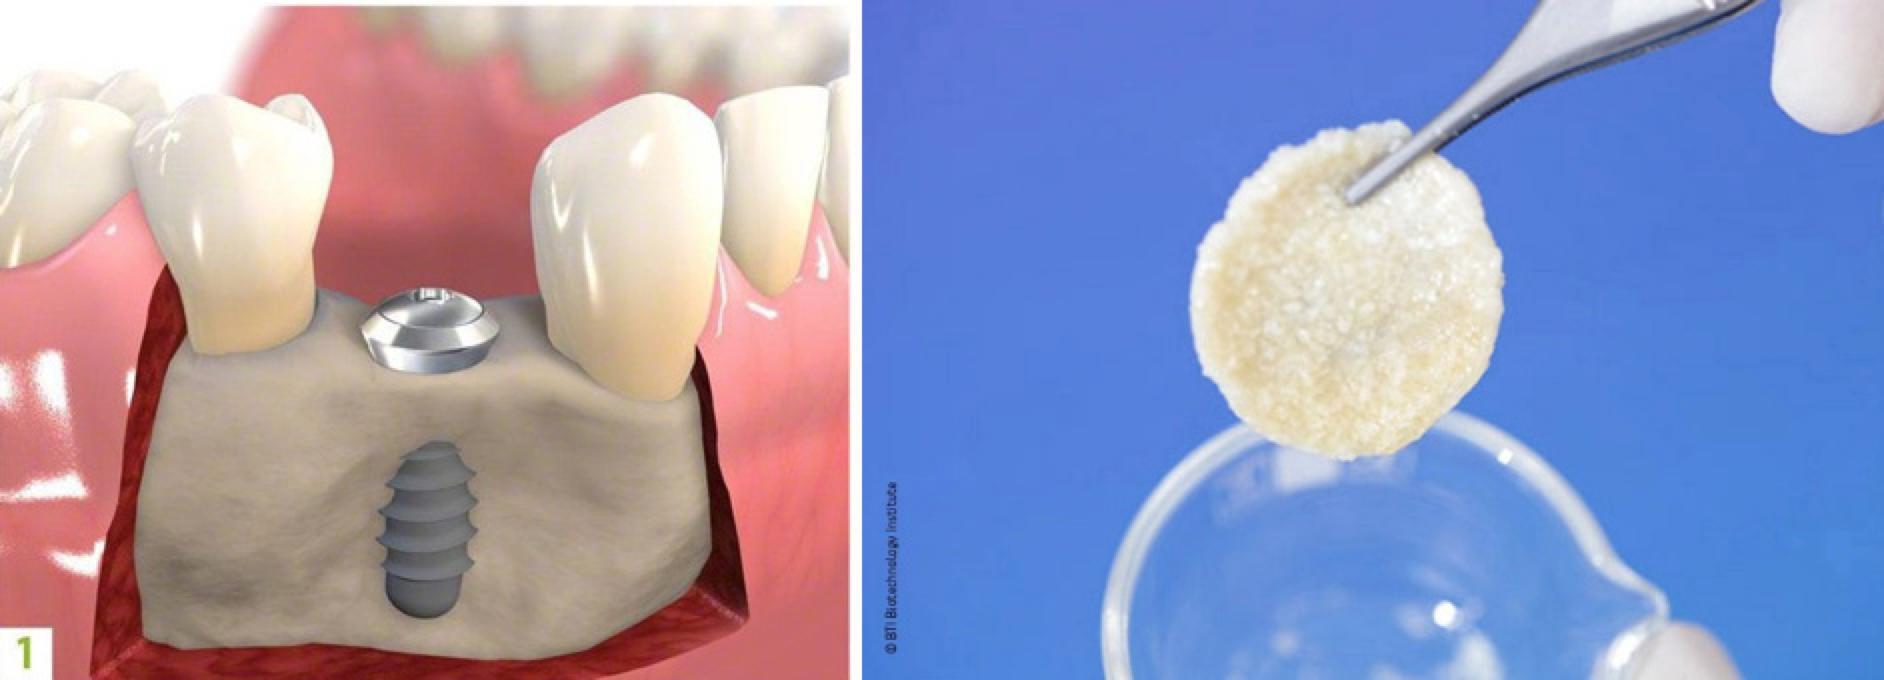 Aumento di osso con terapie autologhe PRGF estremamente efficaci(osso Geistlicht con patentino e lotto).